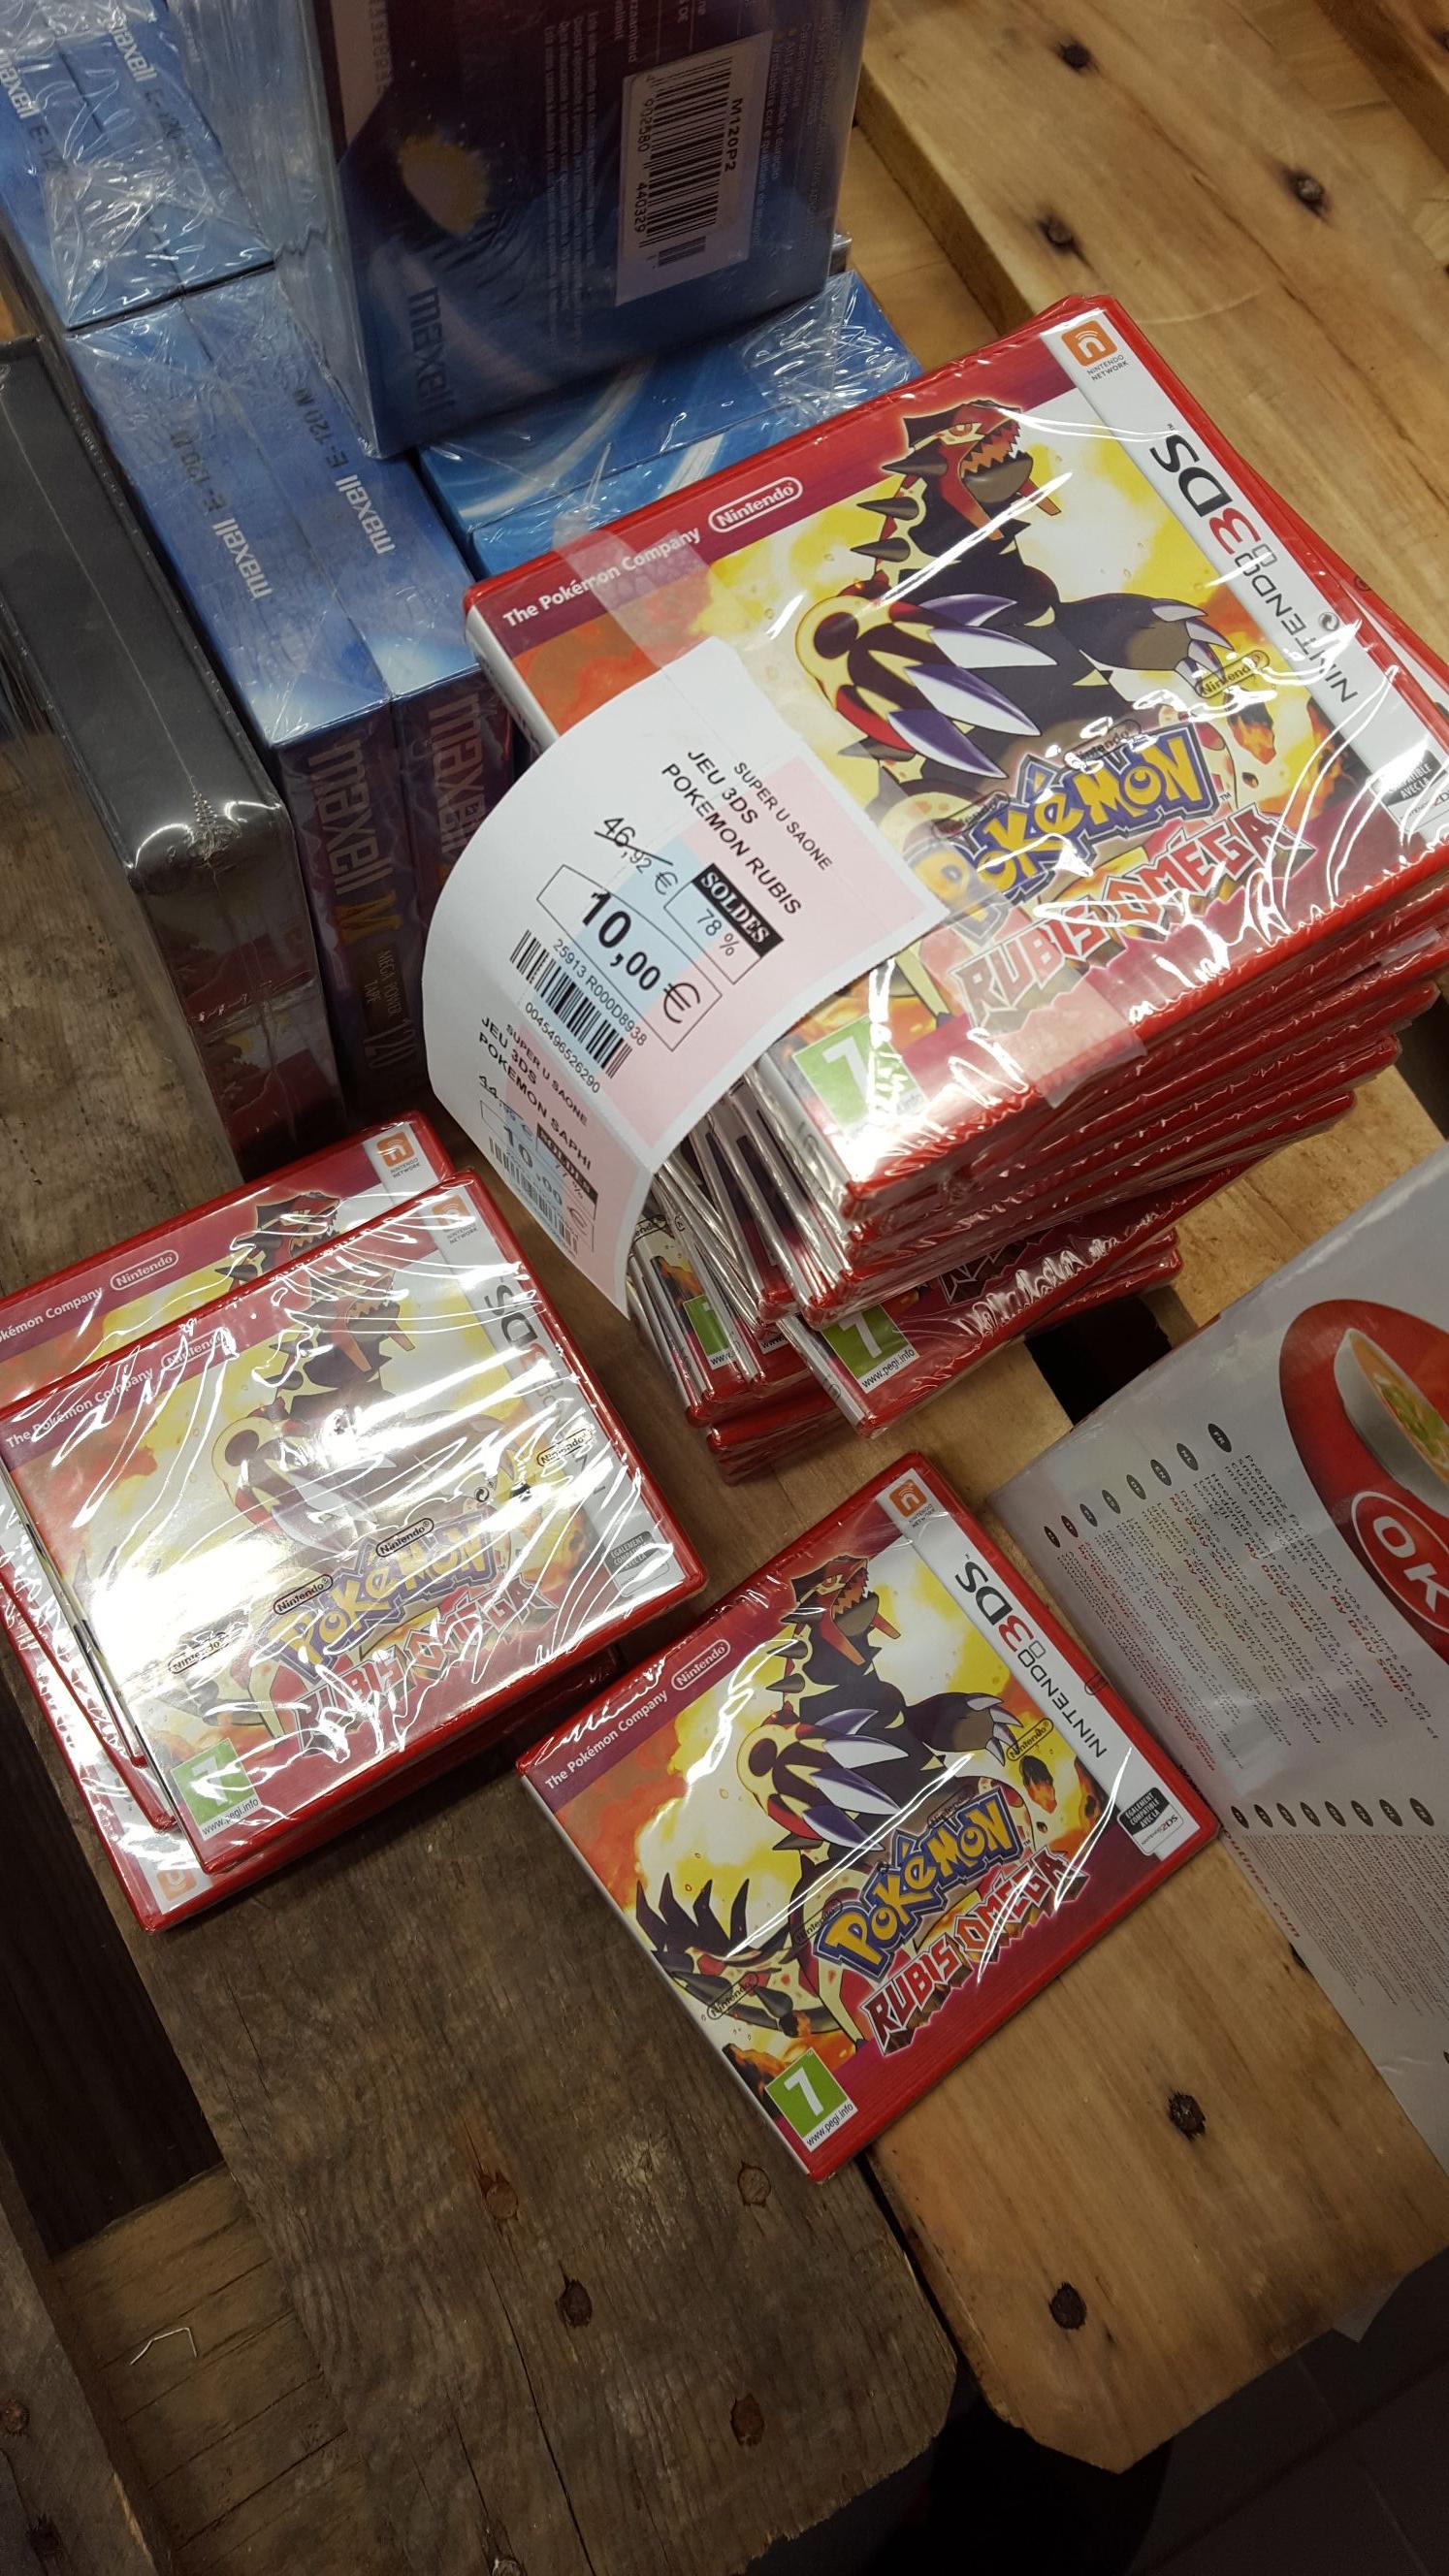 Jeu Pokemon Rubis Omega sur Nintendo 3DS - Saône (25)